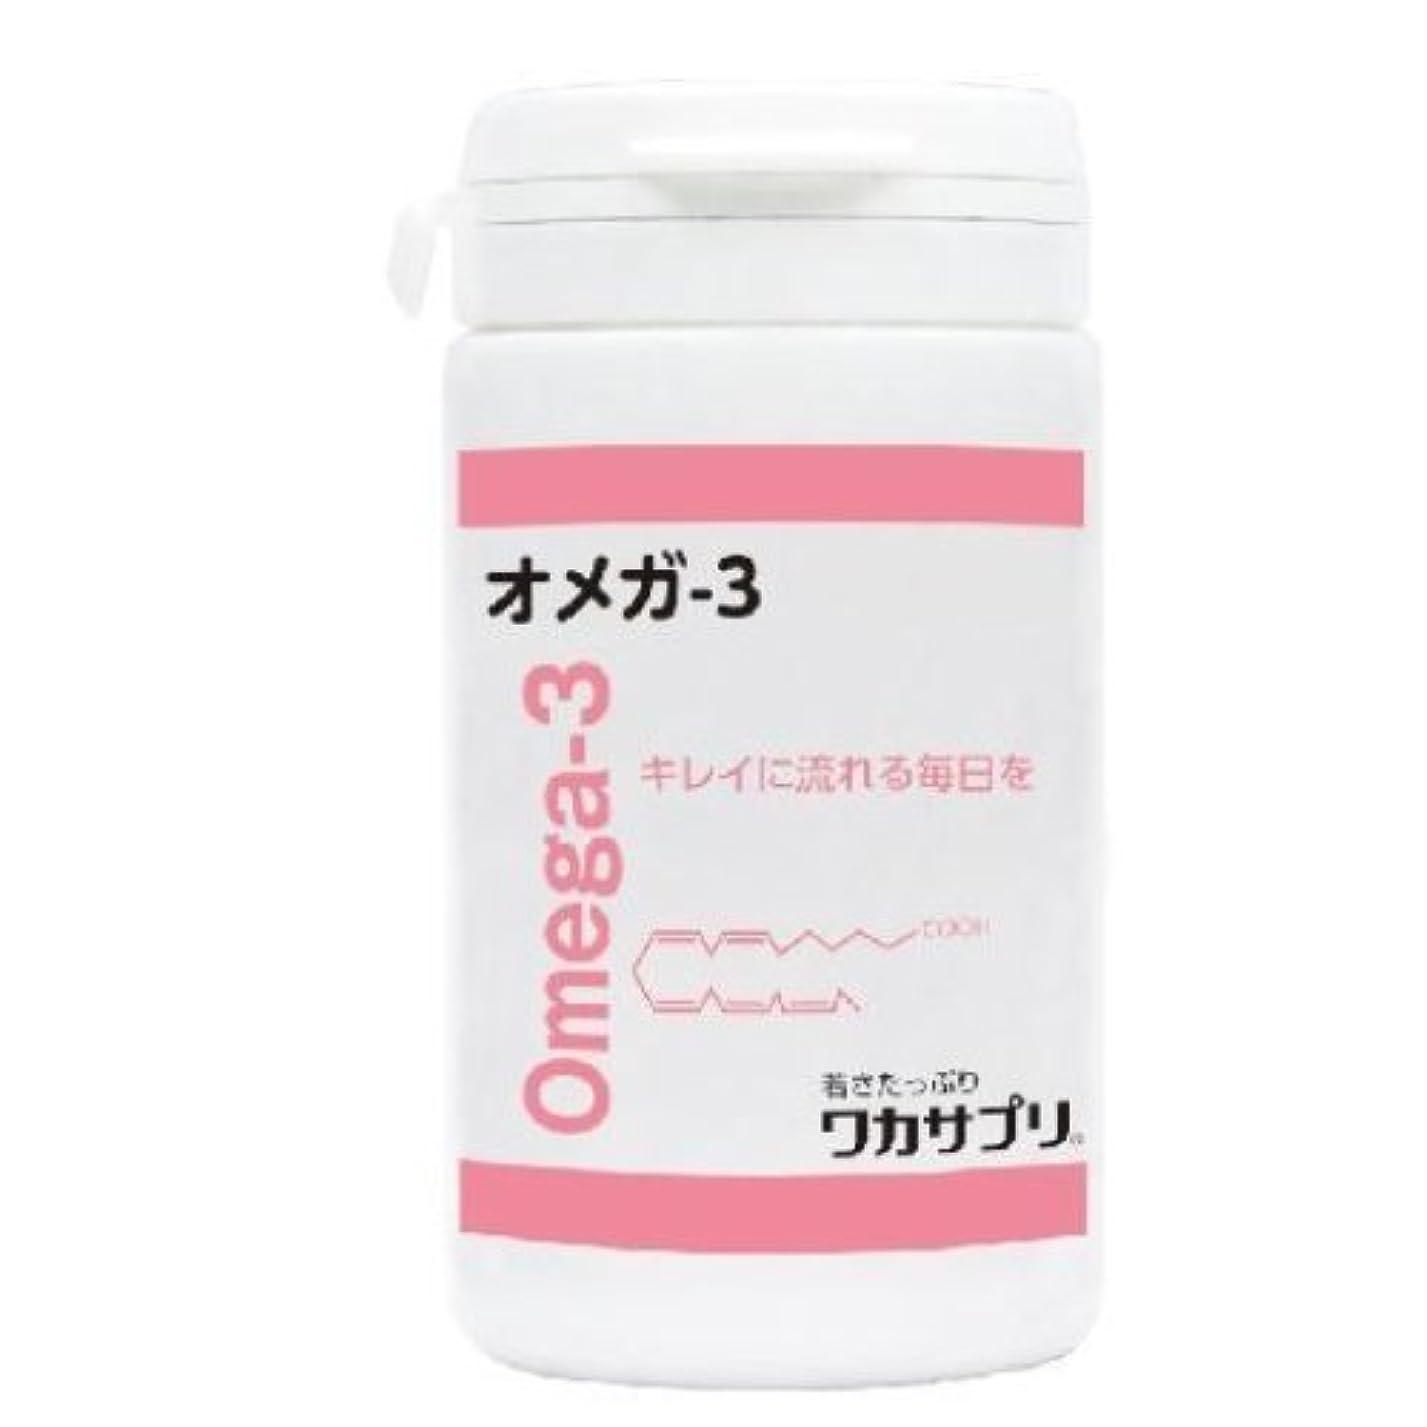 刑務所スクレーパー香水ワカサプリ オメガ-3 120粒 WO2120